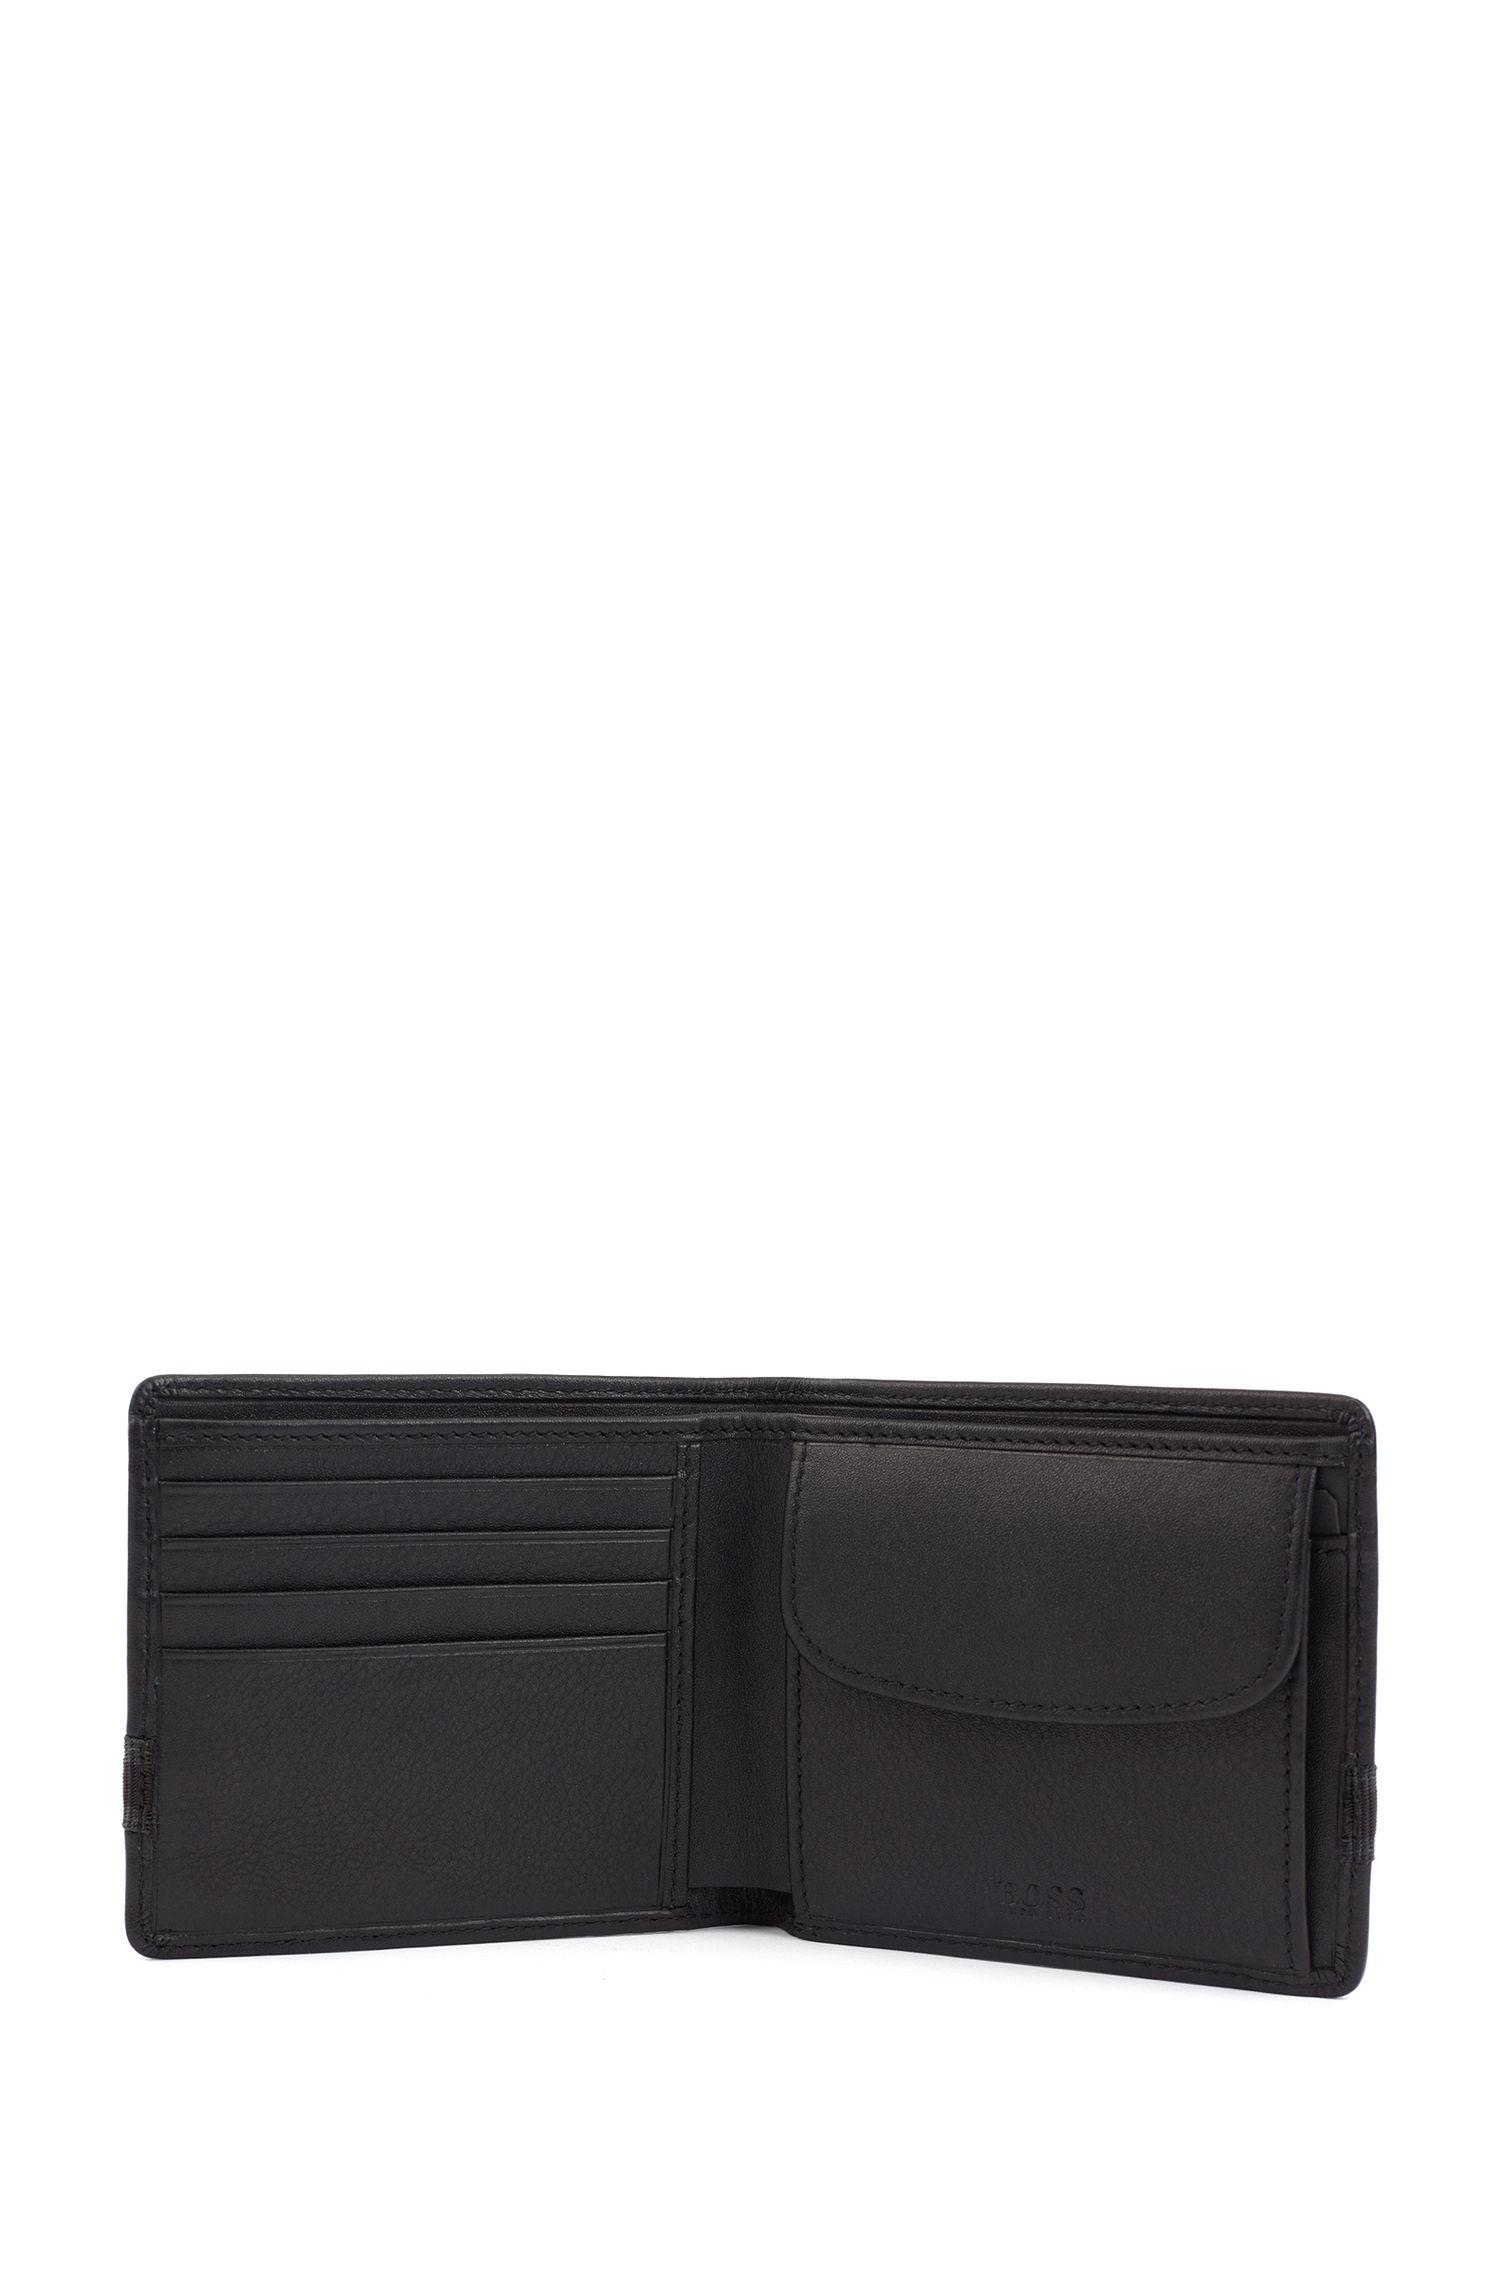 Geschenk-Set mit Geldbörse und Schlüsselanhänger aus Nappaleder, Schwarz